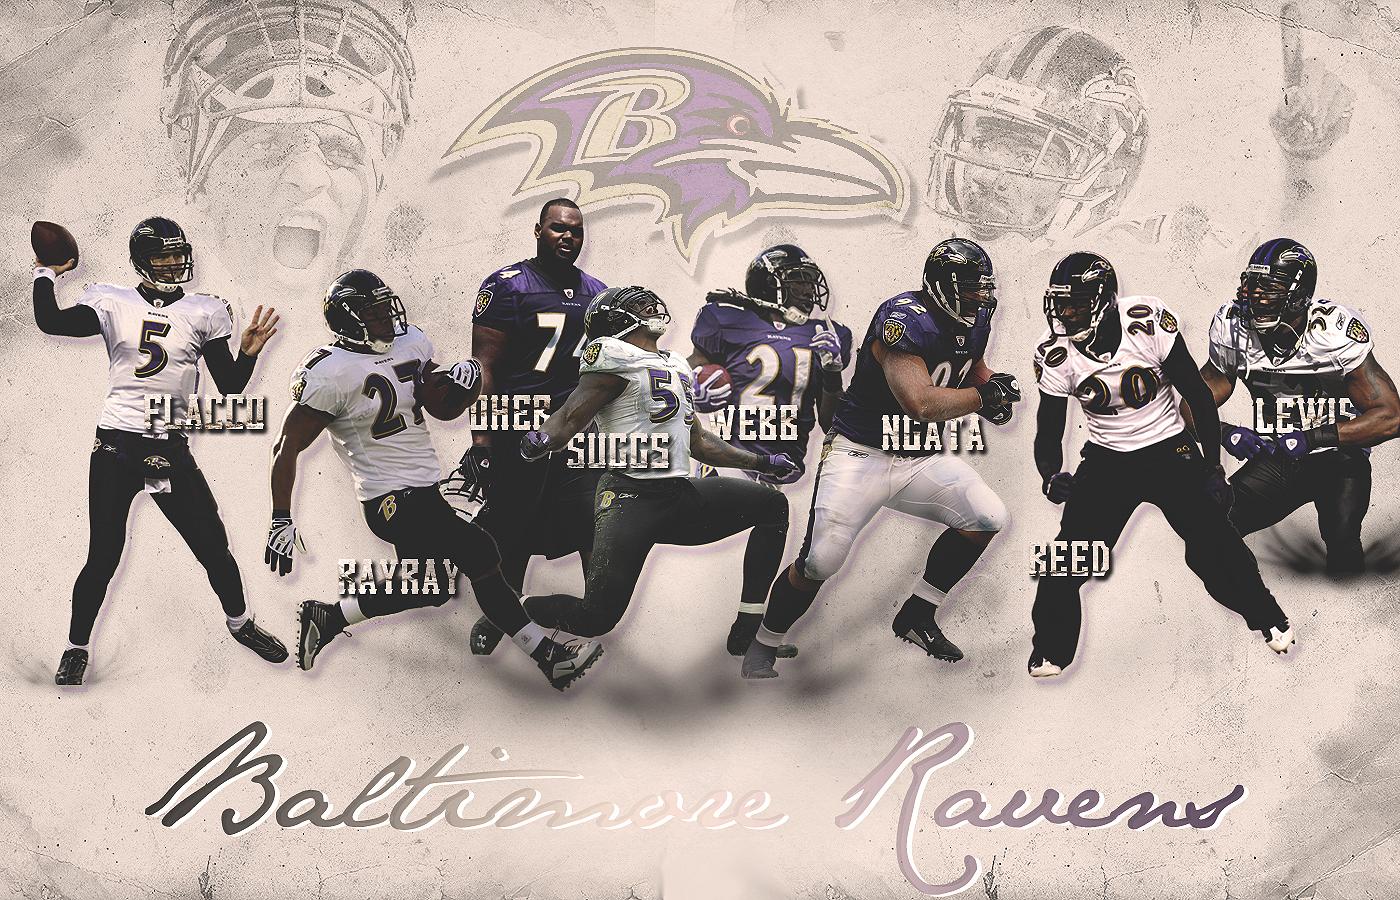 baltimore ravens wallpaper free